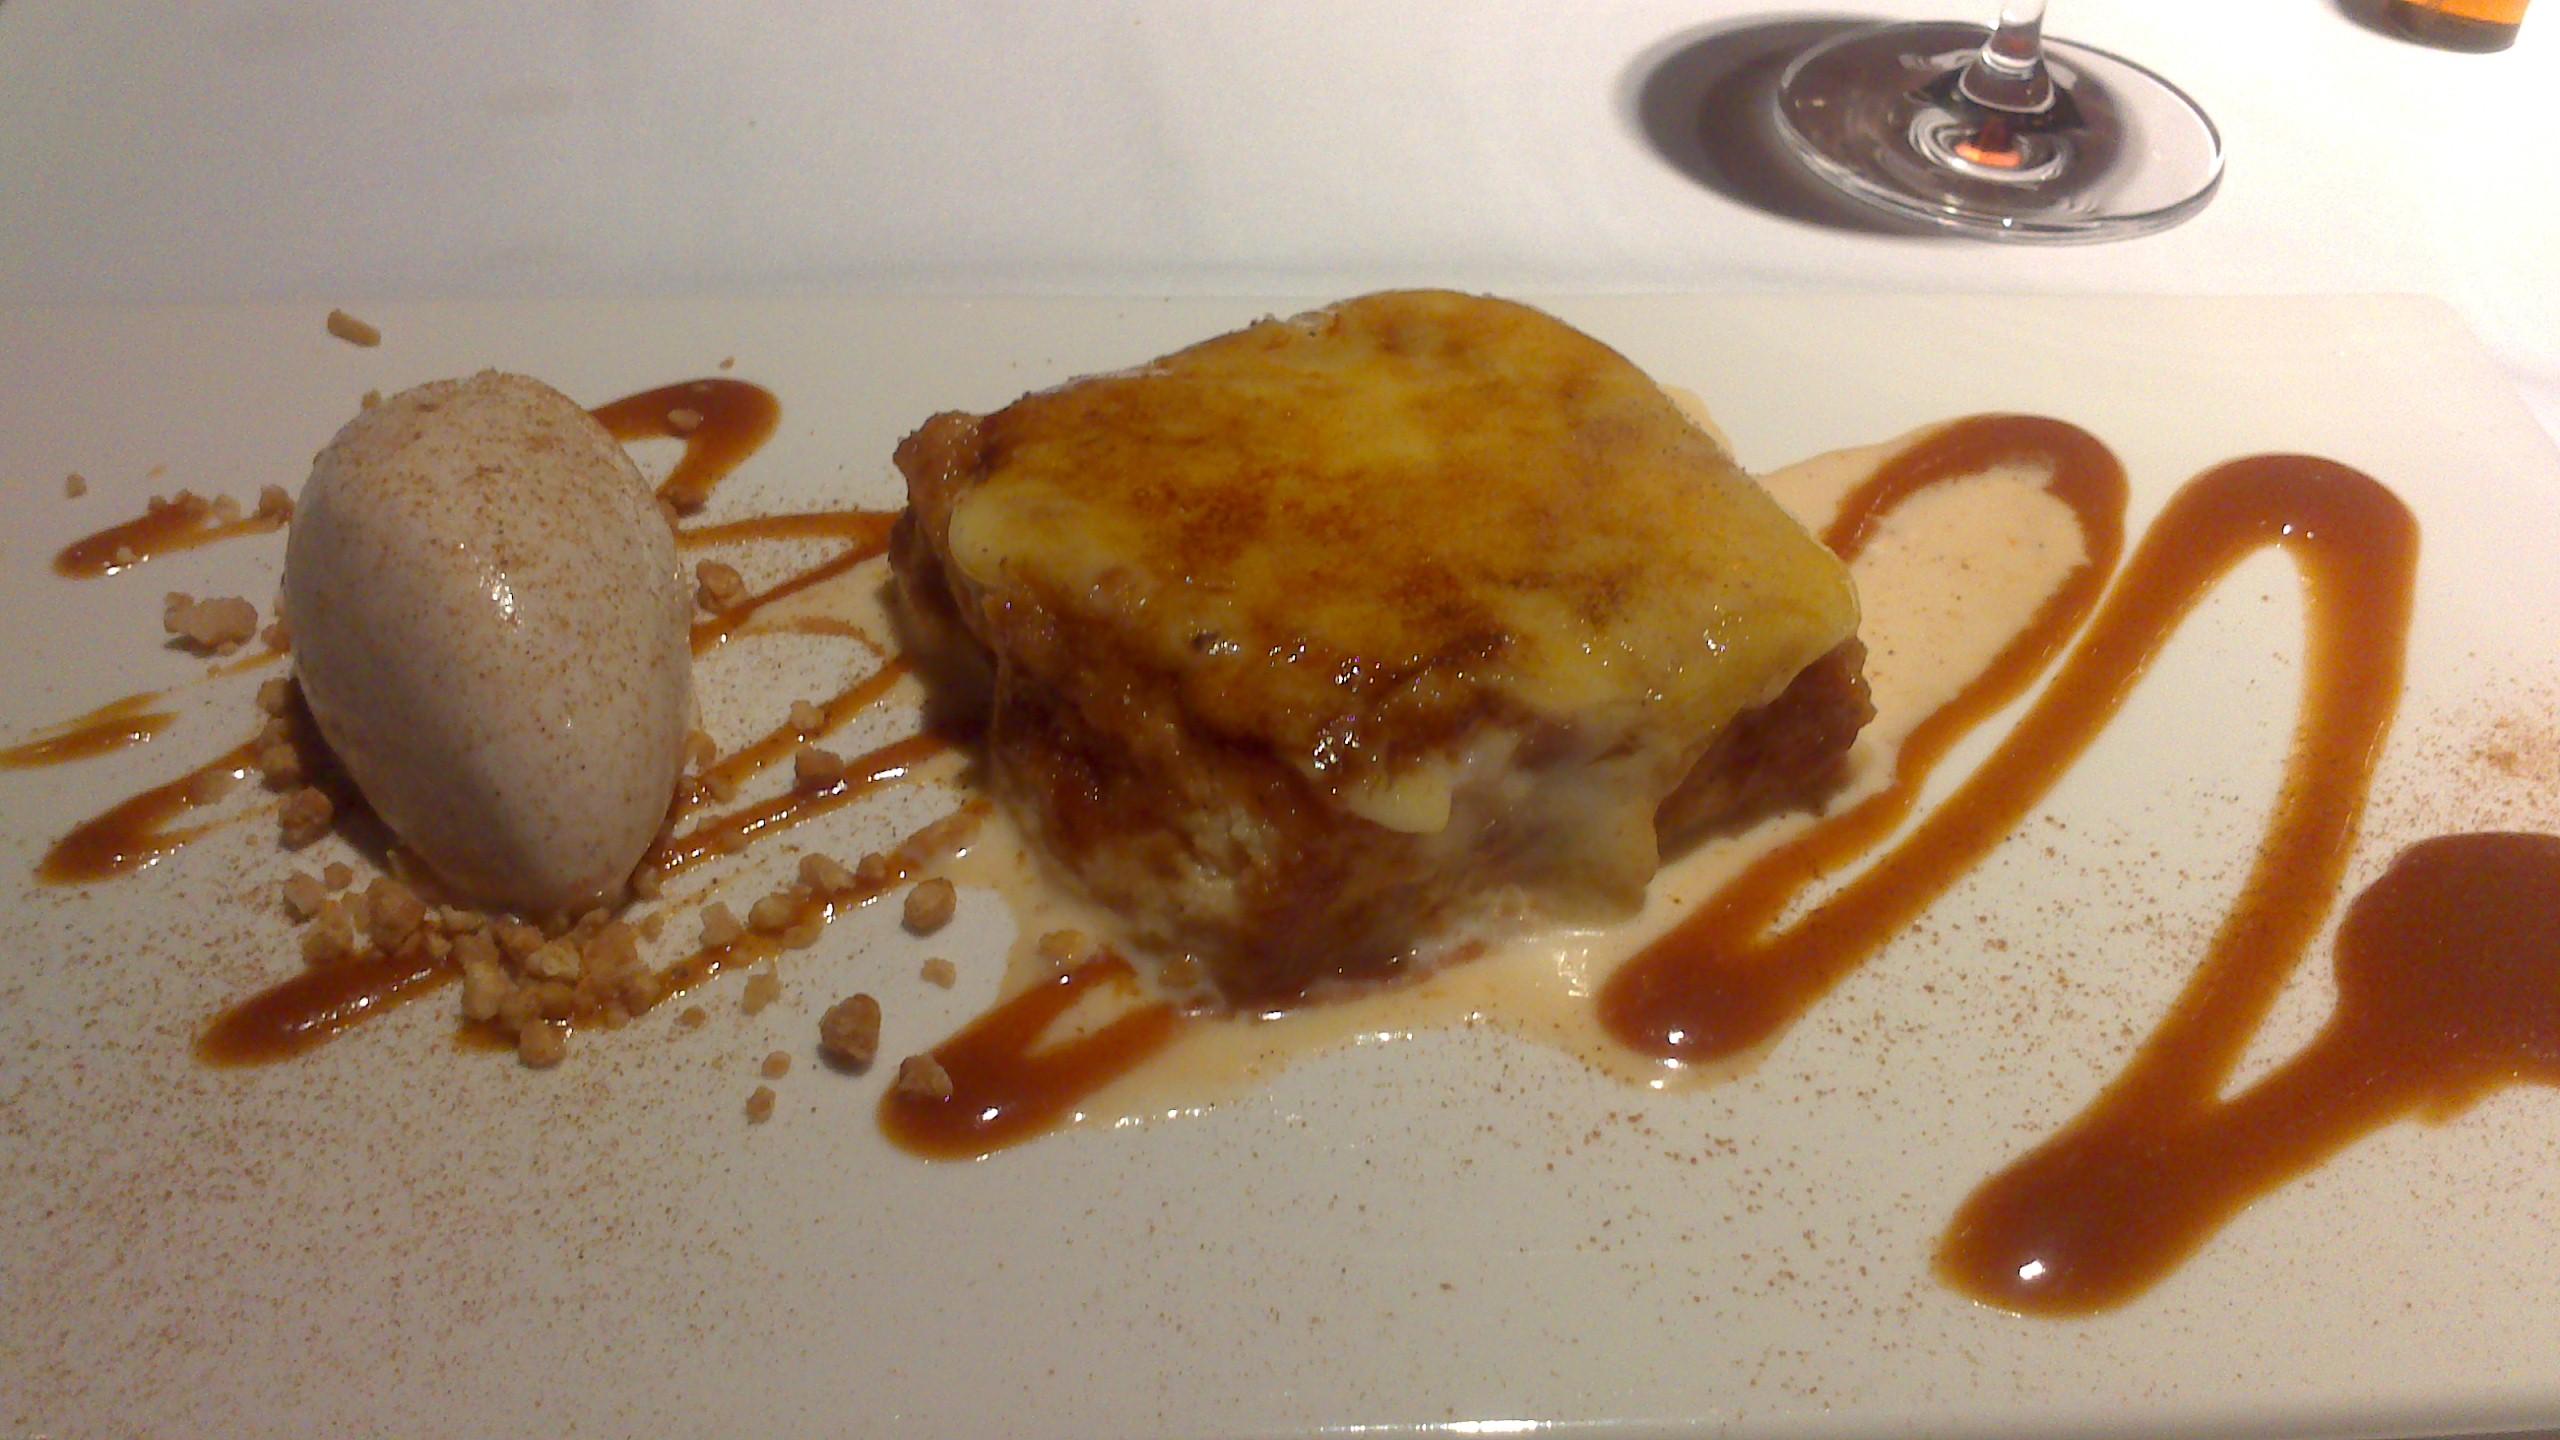 Restaurante en Bilbao Torrija y helado de arroz con leche